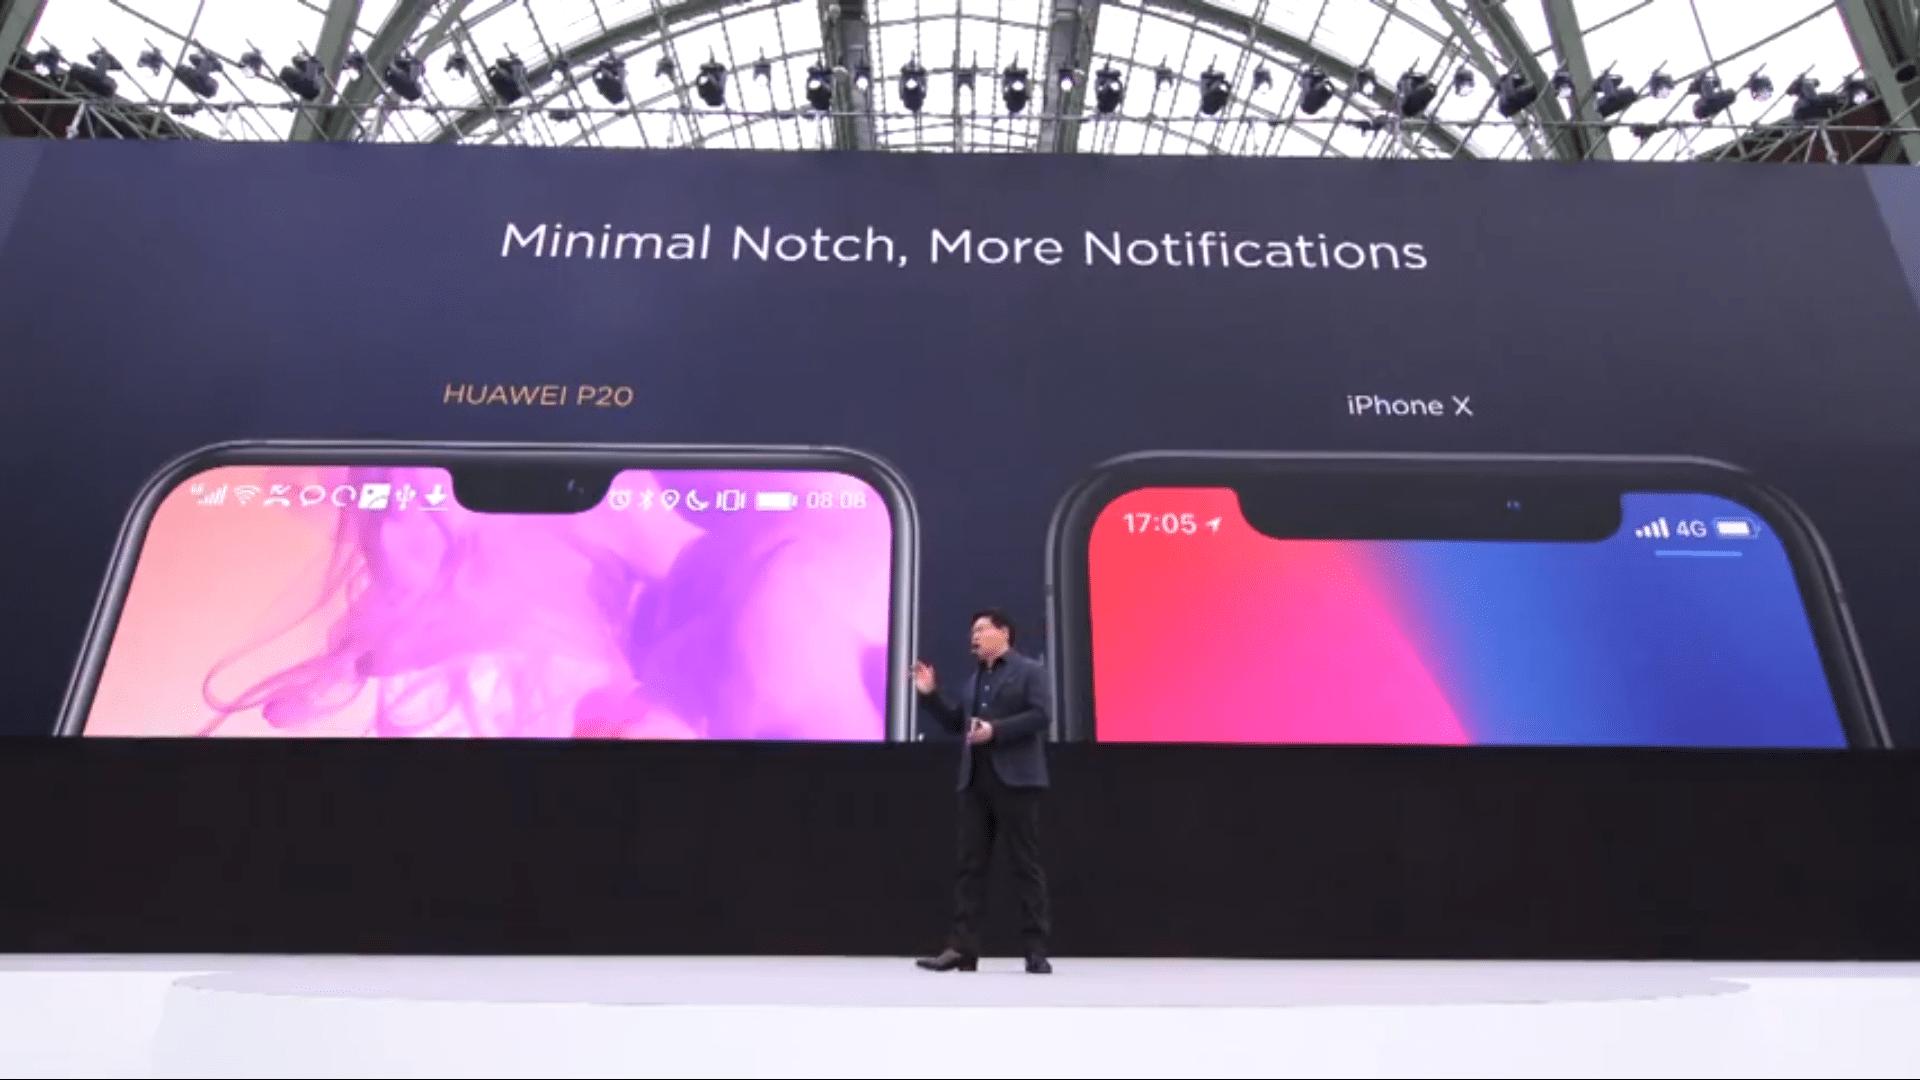 Huawei P20 P20 Pro Notch